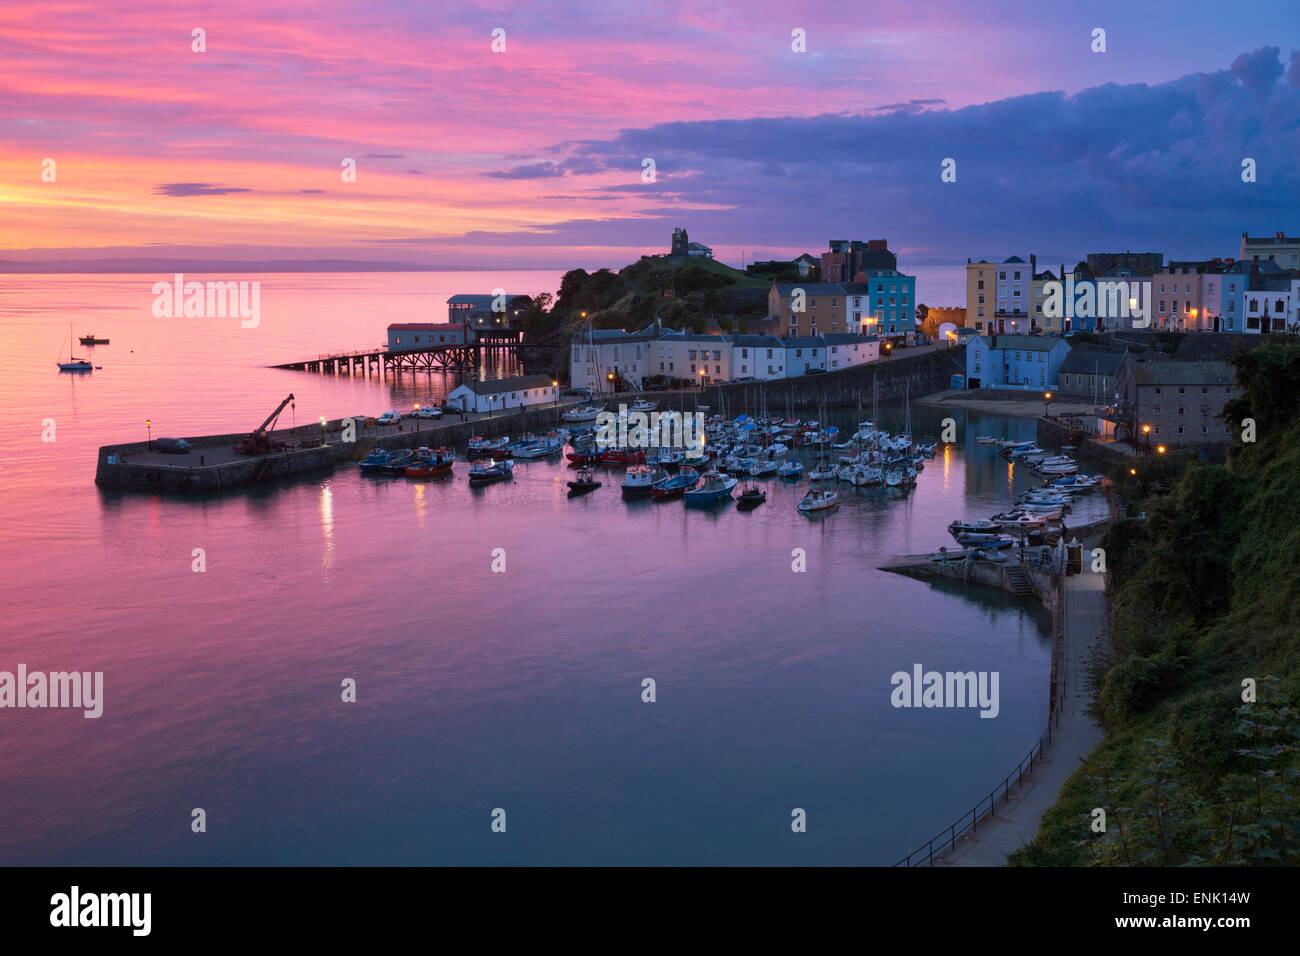 Vista sul porto e castello all'alba, Tenby, Carmarthen Bay, Pembrokeshire, Wales, Regno Unito, Europa Immagini Stock